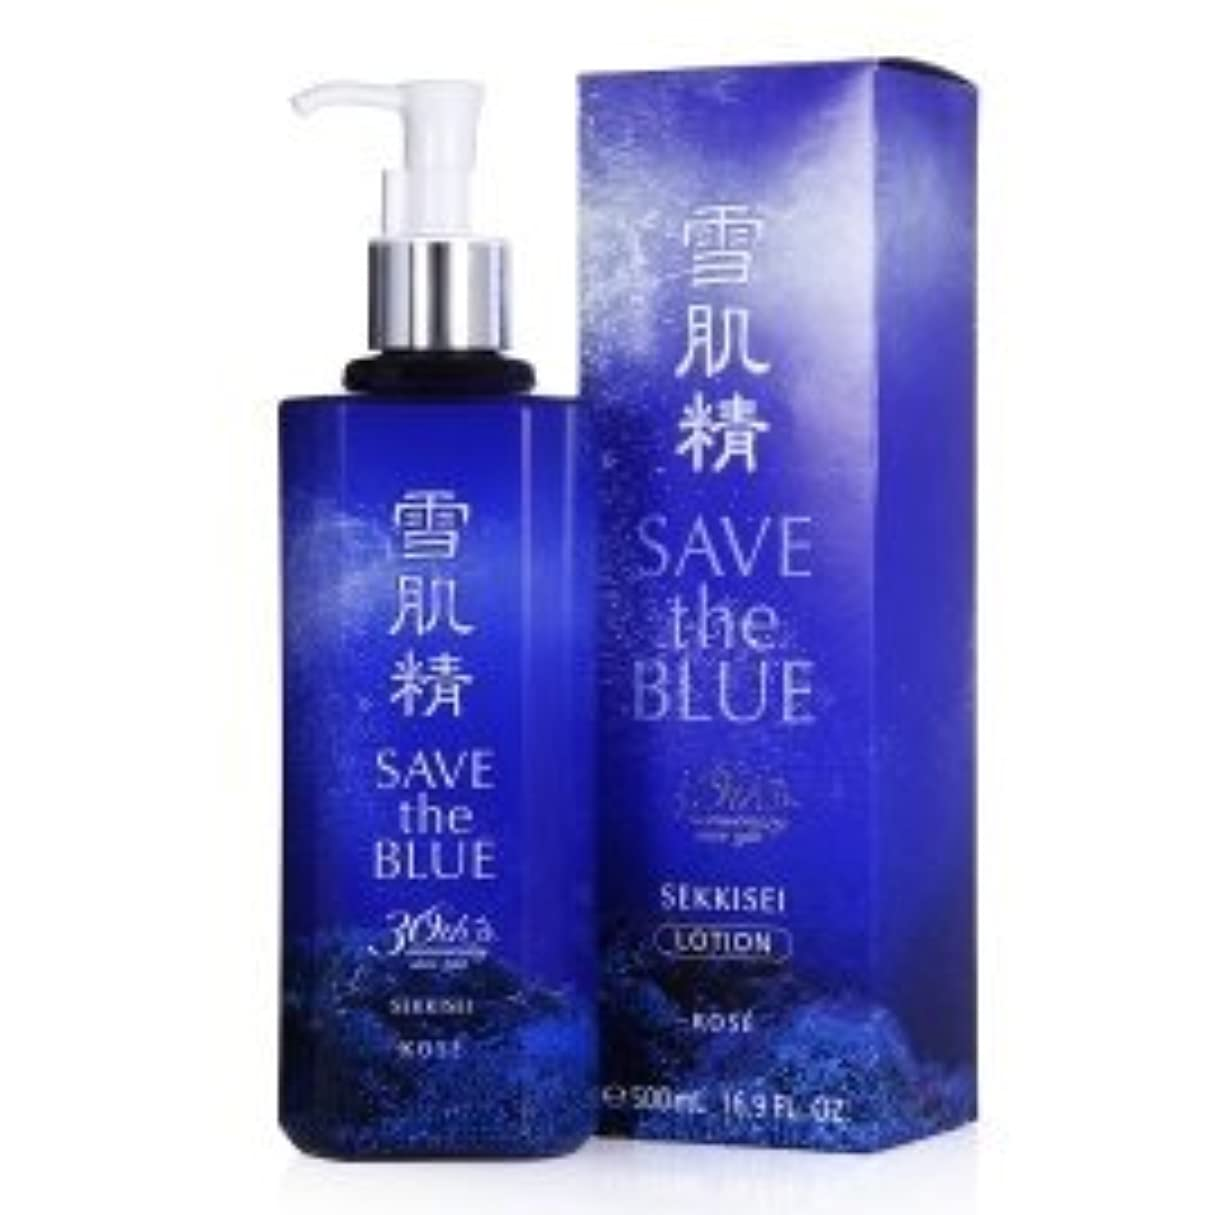 コンパクト葉巻ごみKOSE コーセー 薬用 雪肌精 化粧水 500ml 【SAVE the BLUE】